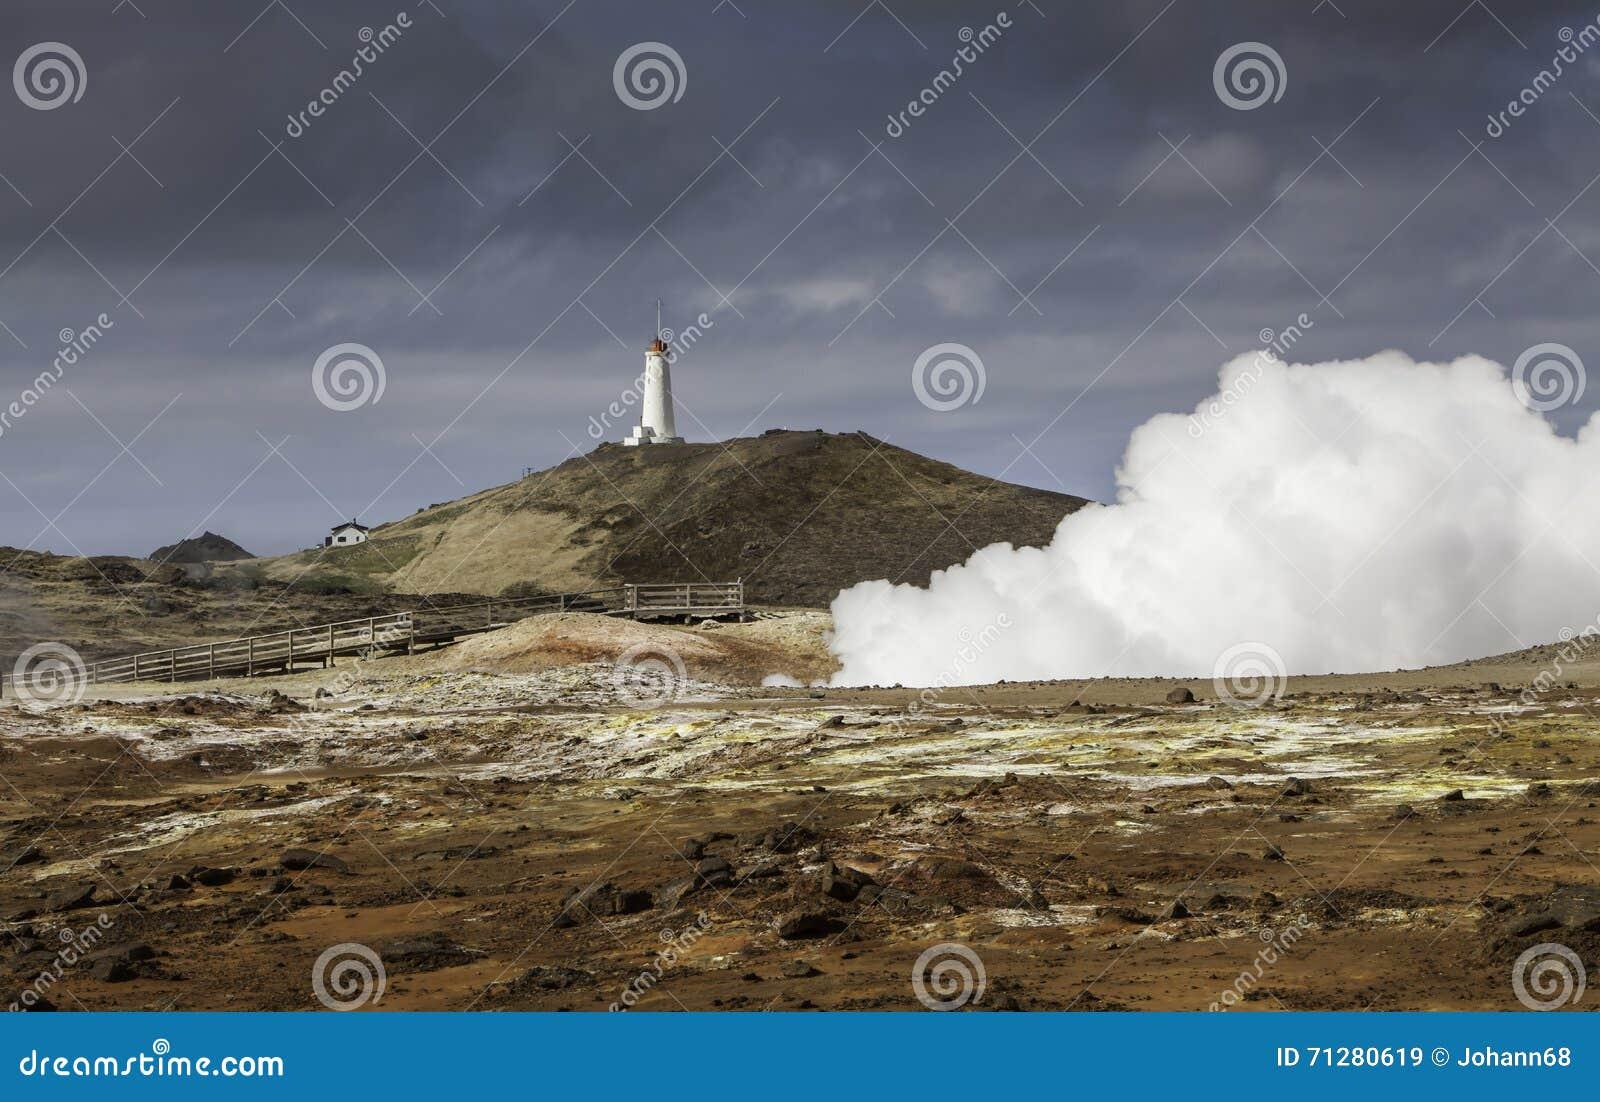 Geothermisch gebied in IJsland